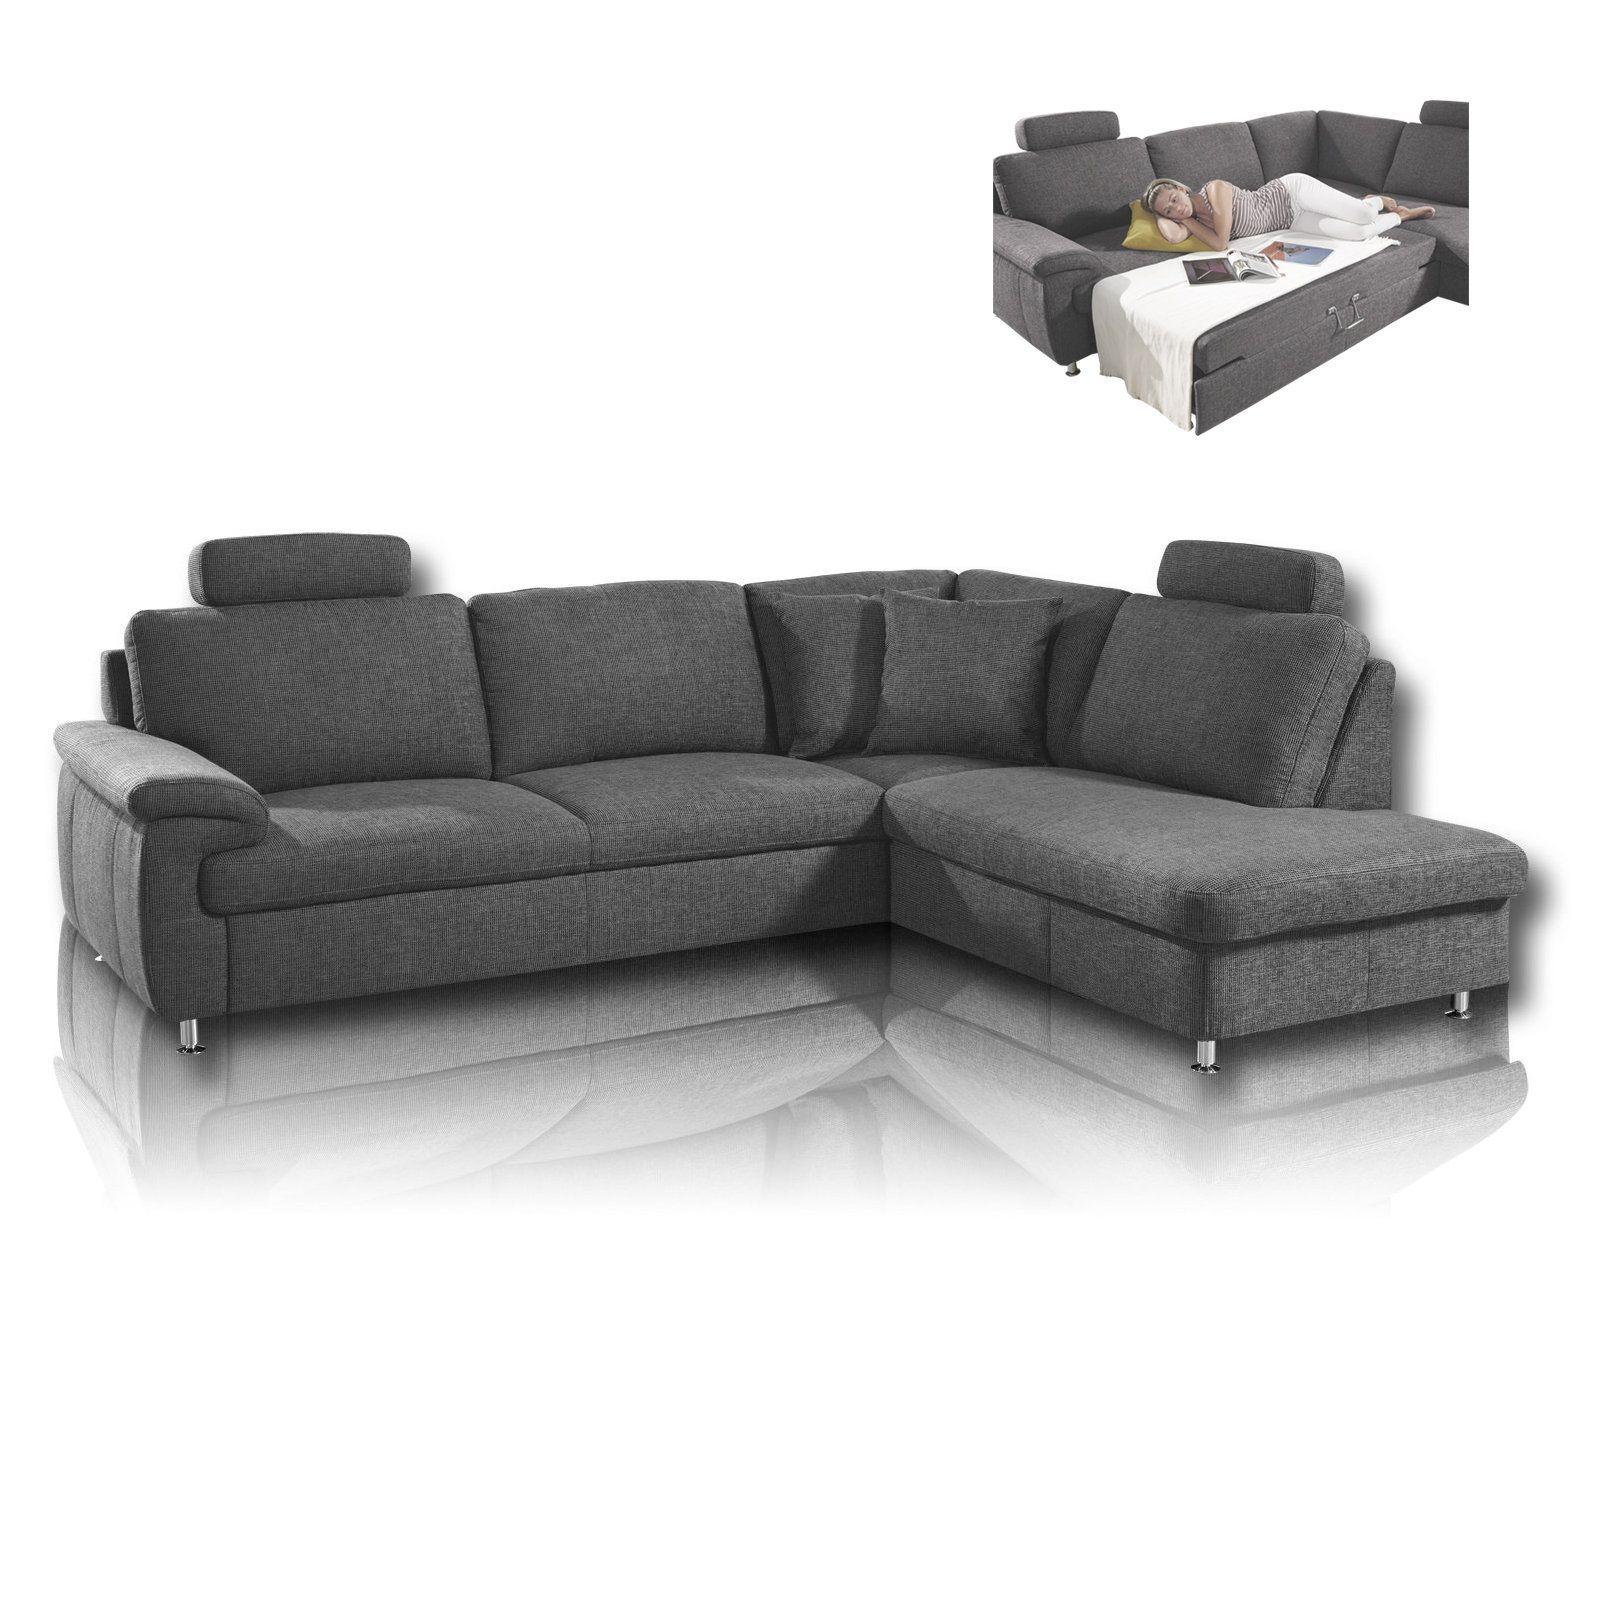 Ecksofa grau Liegefunktion Armlehne links Sofa